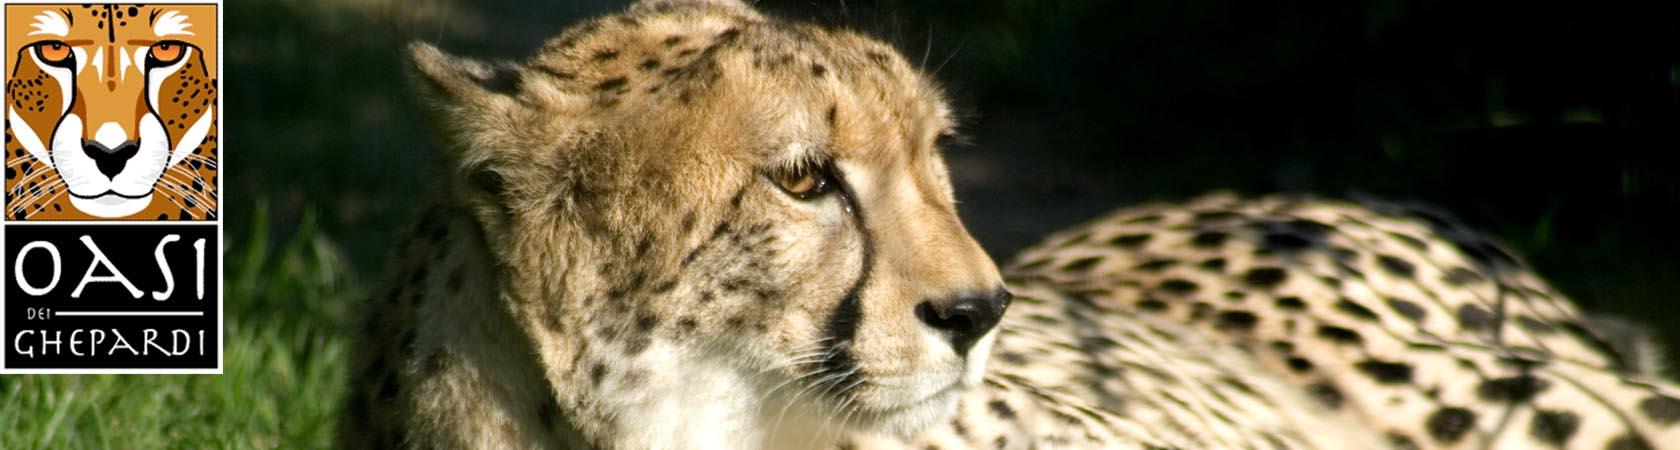 oasi-dei-ghepardi-parco-faunistico-le-cornelle02